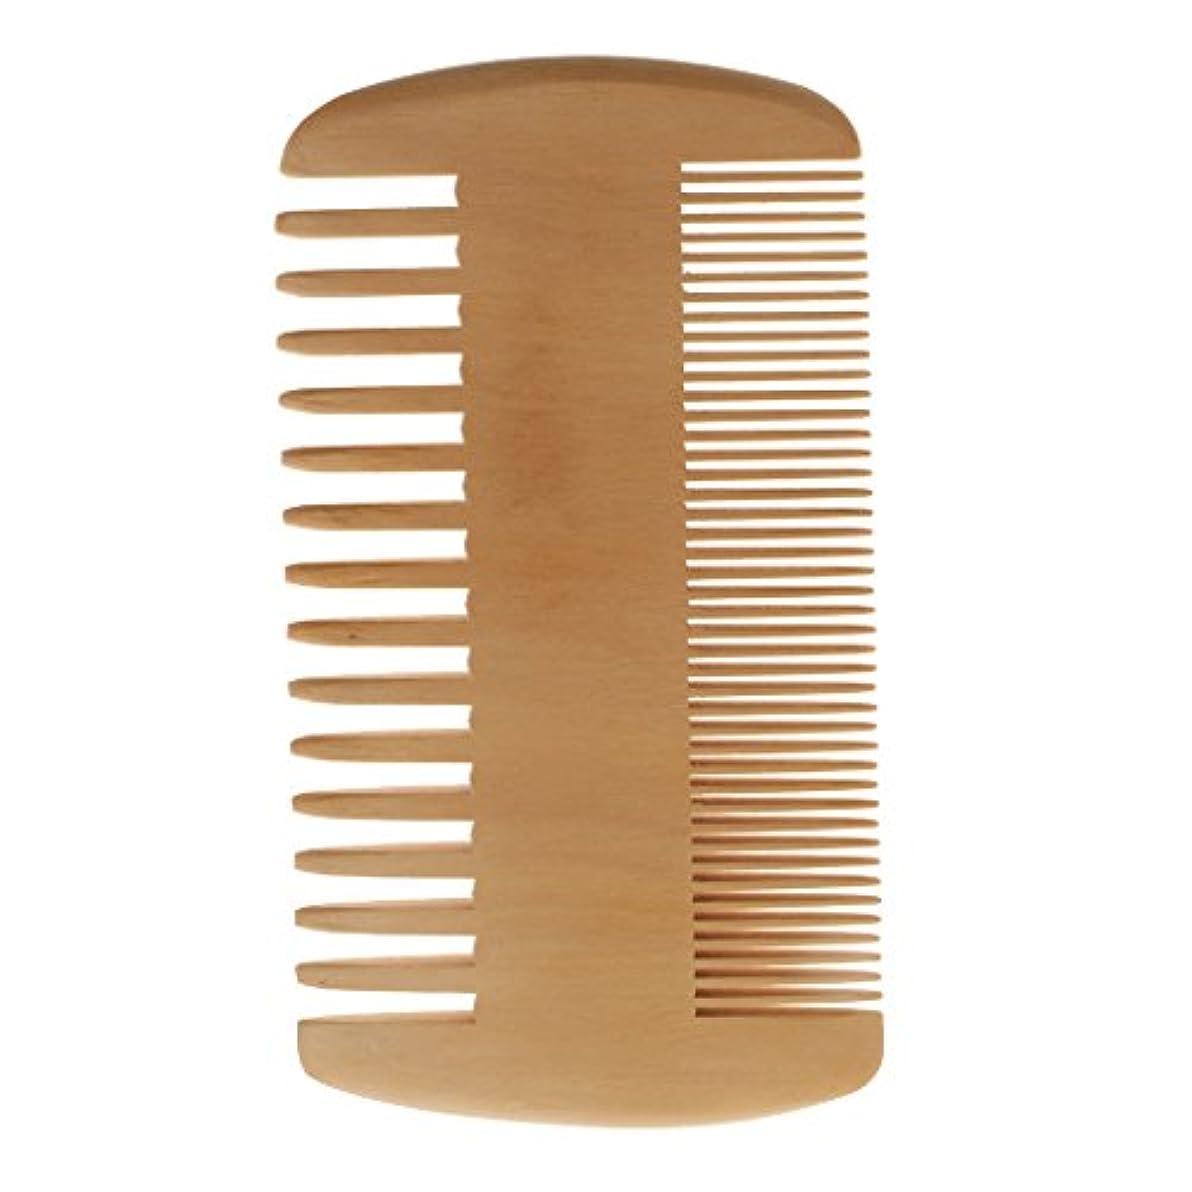 純粋にスキップ忠実にSM SunniMix ポケットコーム 木製コーム 木製櫛 ヘアダイコーム ヘアブラシ 2倍 密度 歯 携帯 便利